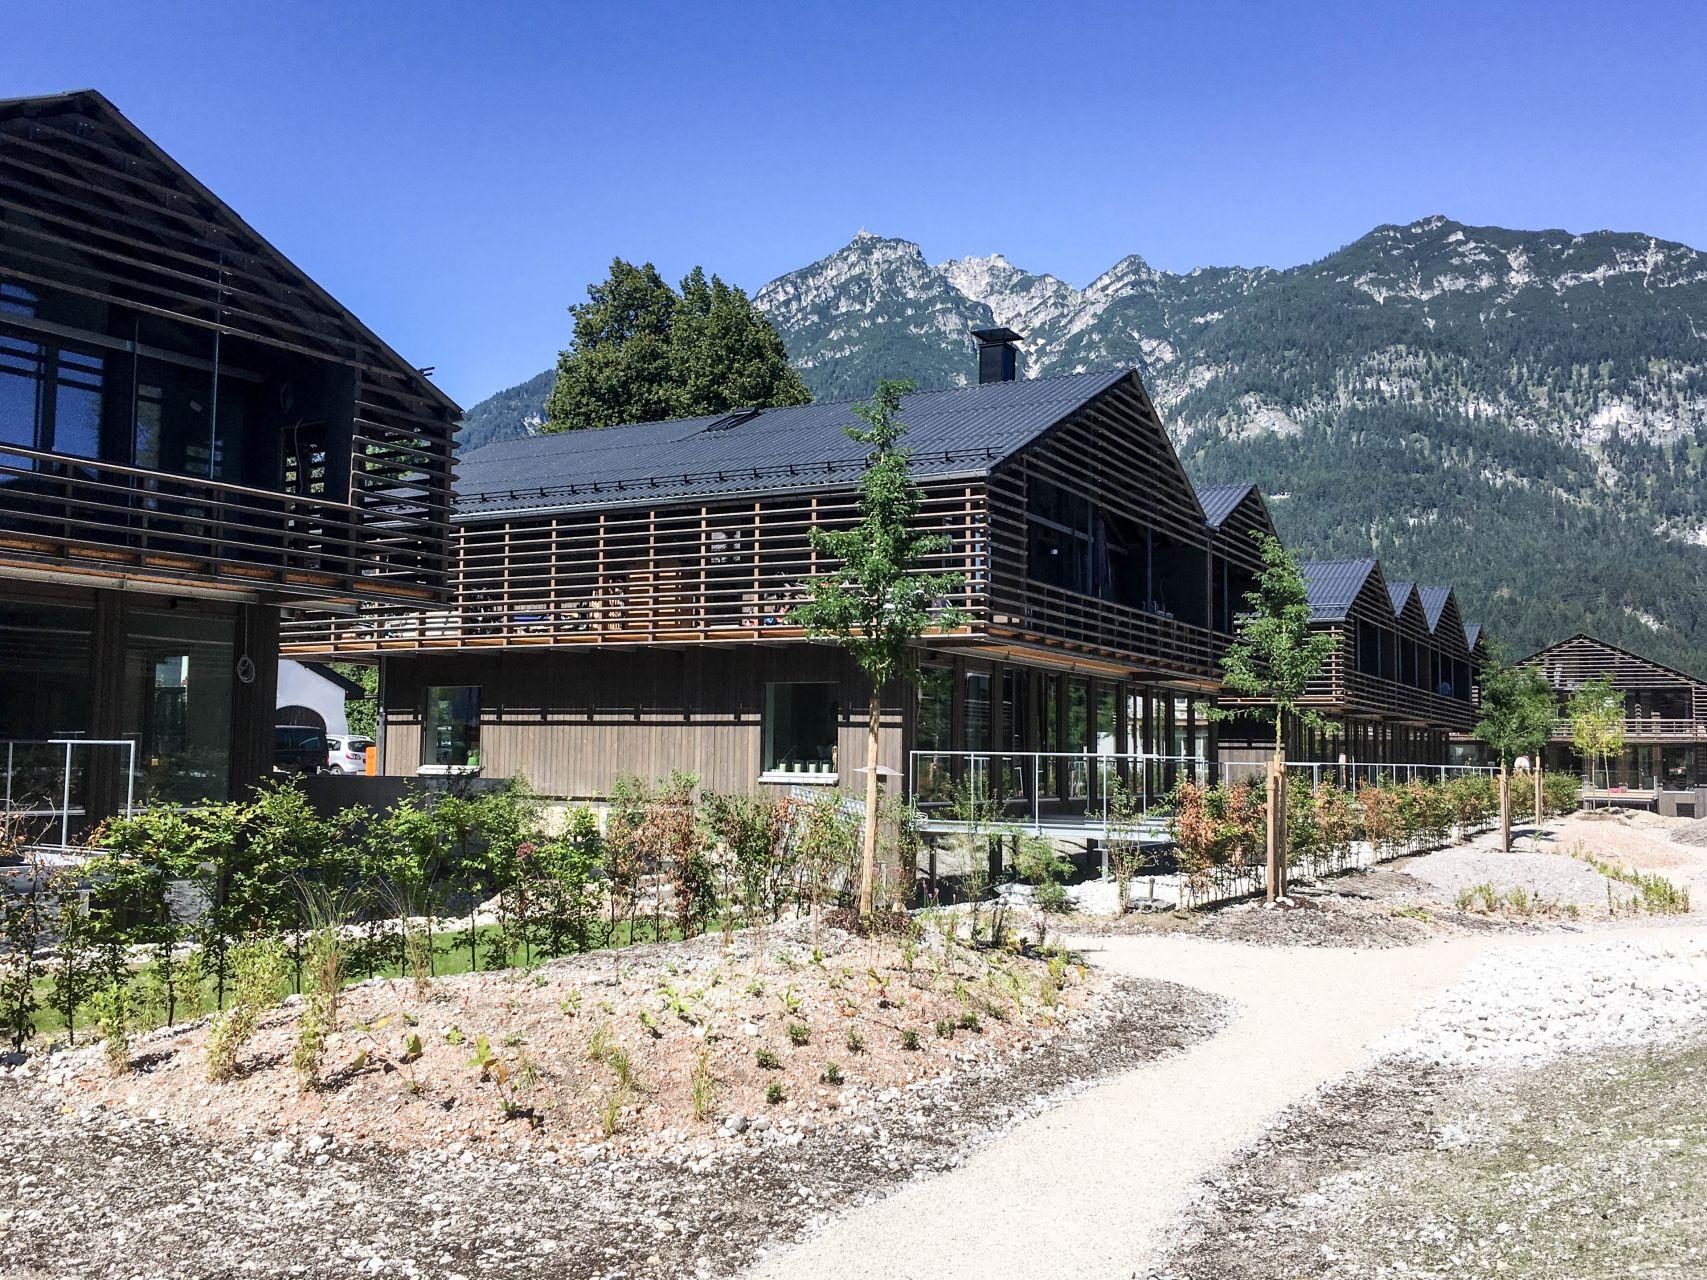 Bau von 21 h usern und ein hotel in garmisch partenkirchen for Designhotel garmisch